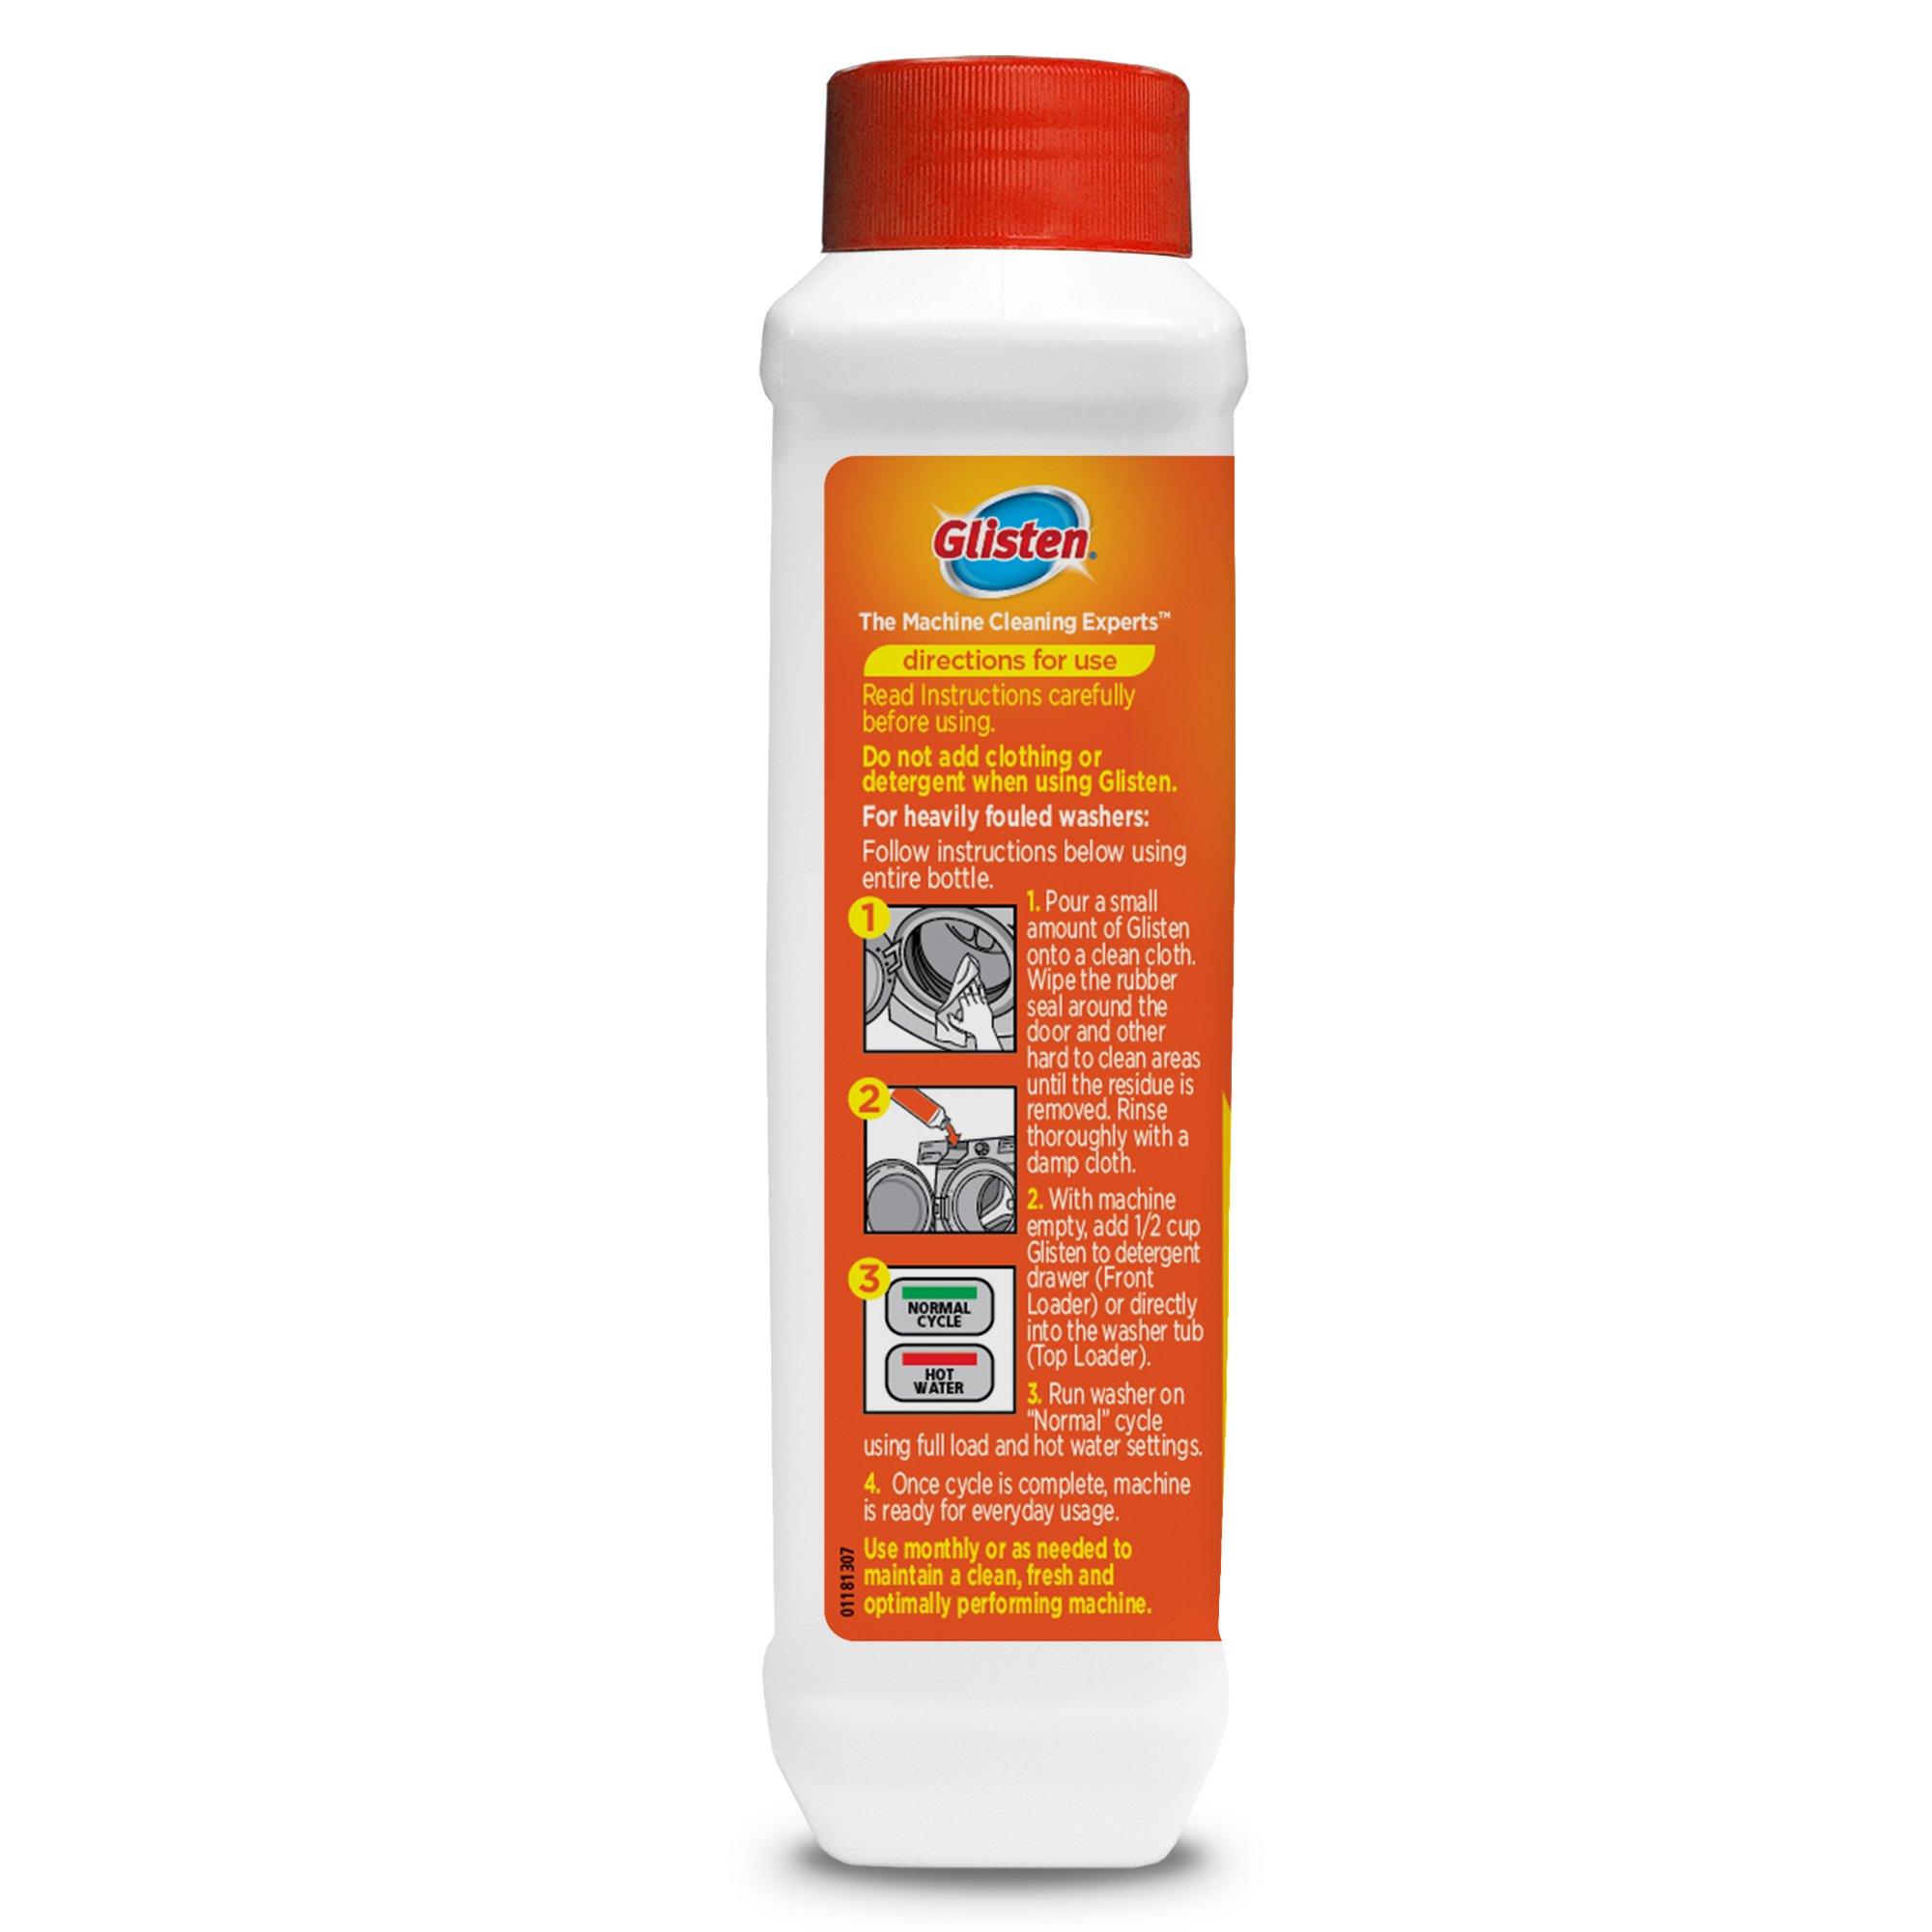 Glisten Washer Magic Washing Machine Cleaner & Deodorizer, 12 Fl. Oz. Bottle, 12 Pack by Glisten (Image #2)